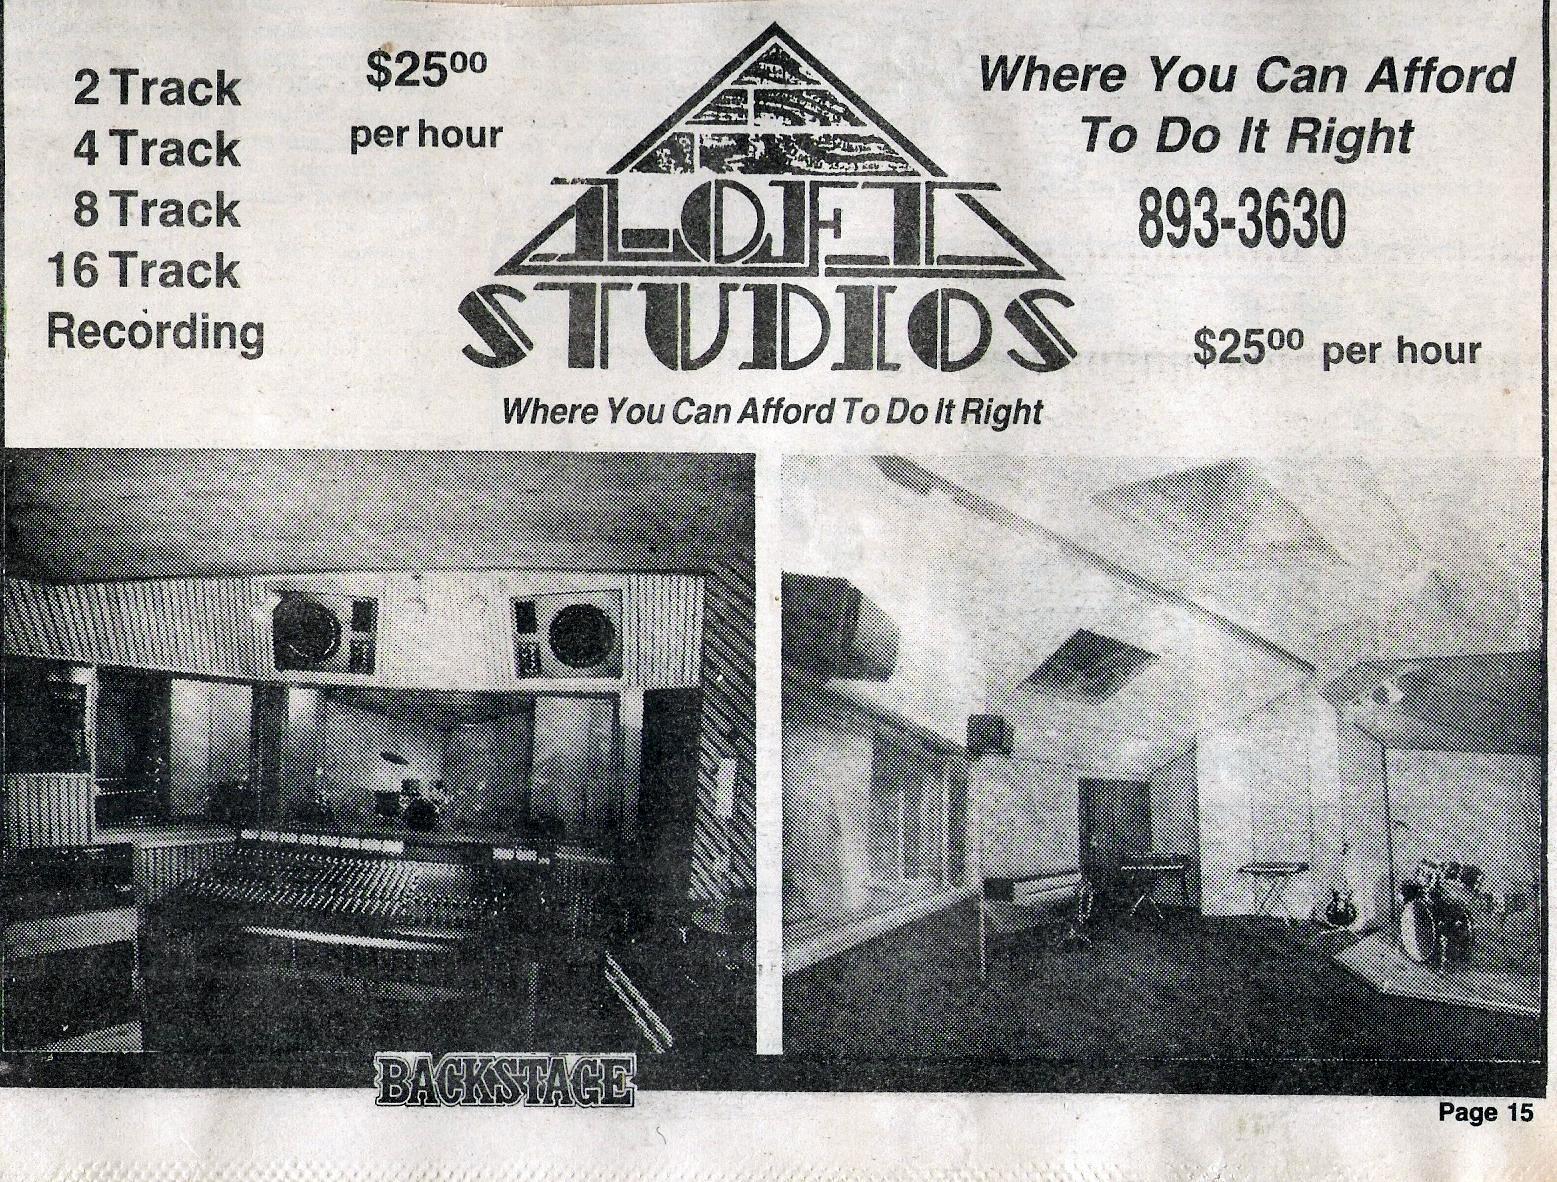 Loft Studios ad 1984